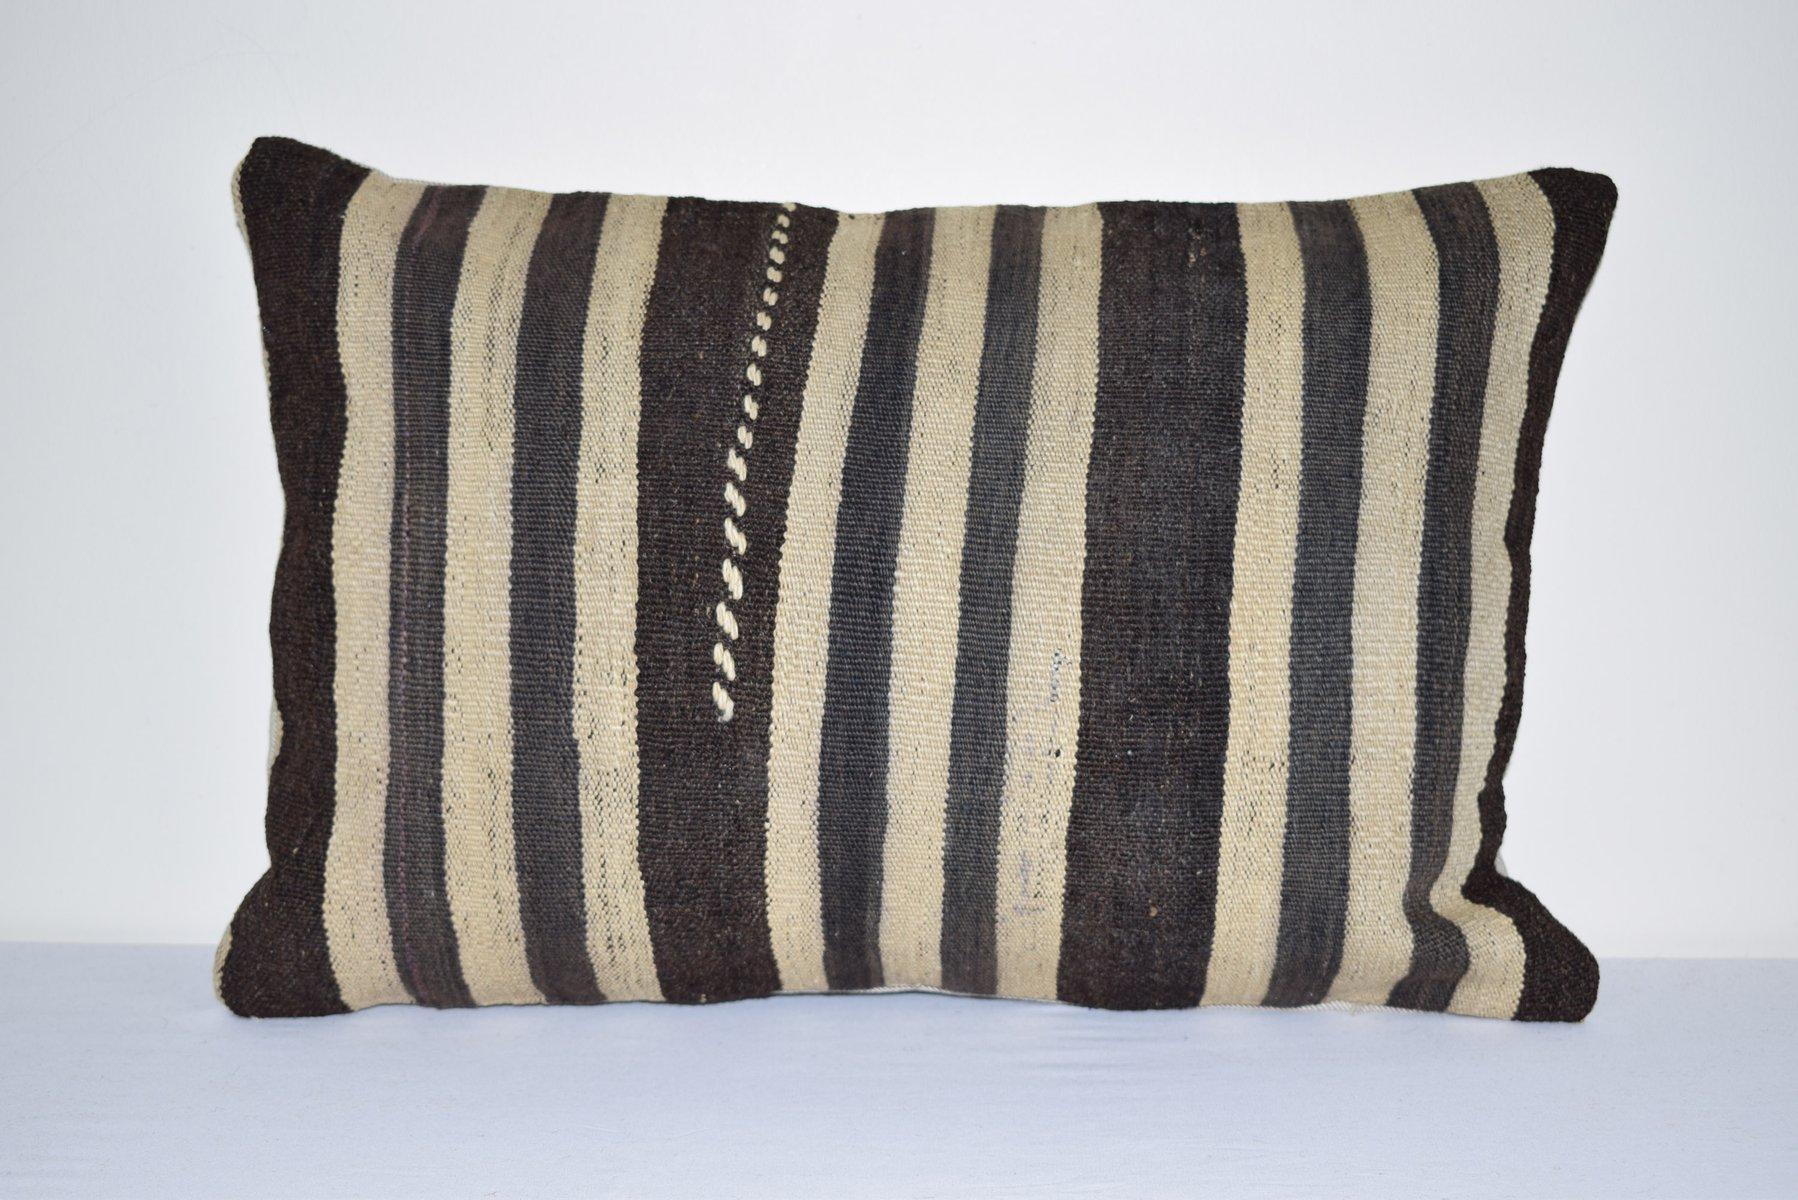 Black Rug pillow vintage Turkish cushion cover   lumbar pillow